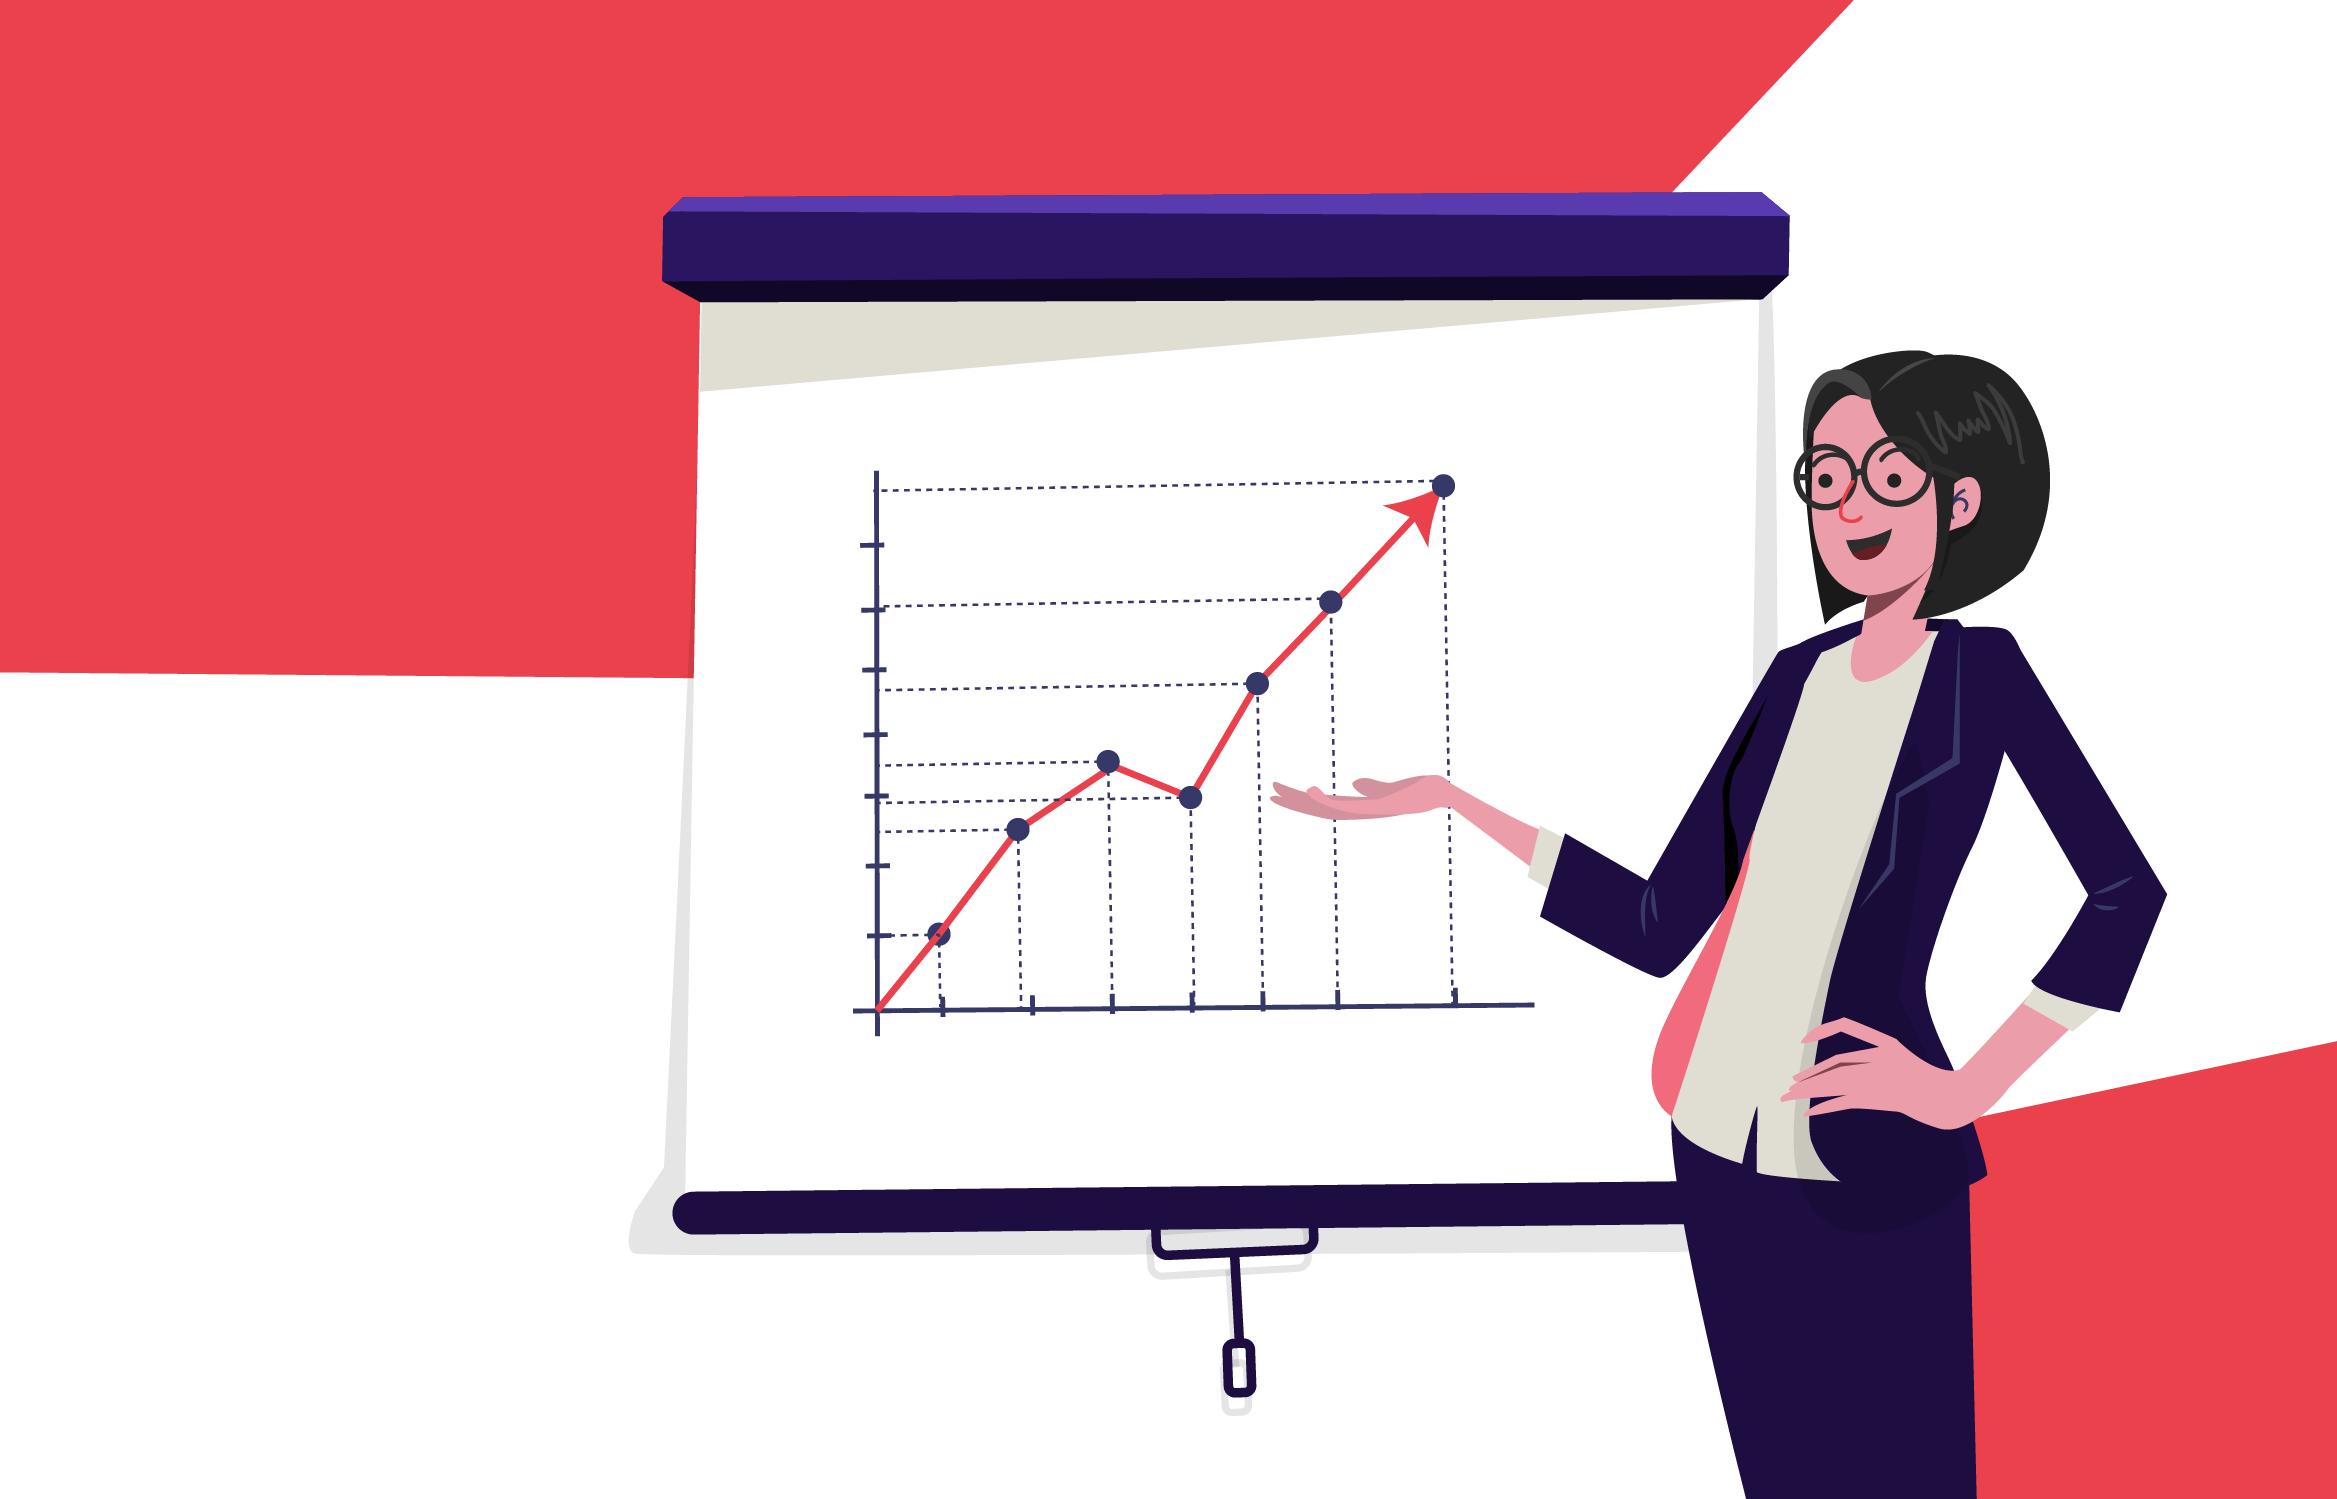 ¿Cómo lograr que los modelos analíticos realmente apoyen el éxito de los negocios?